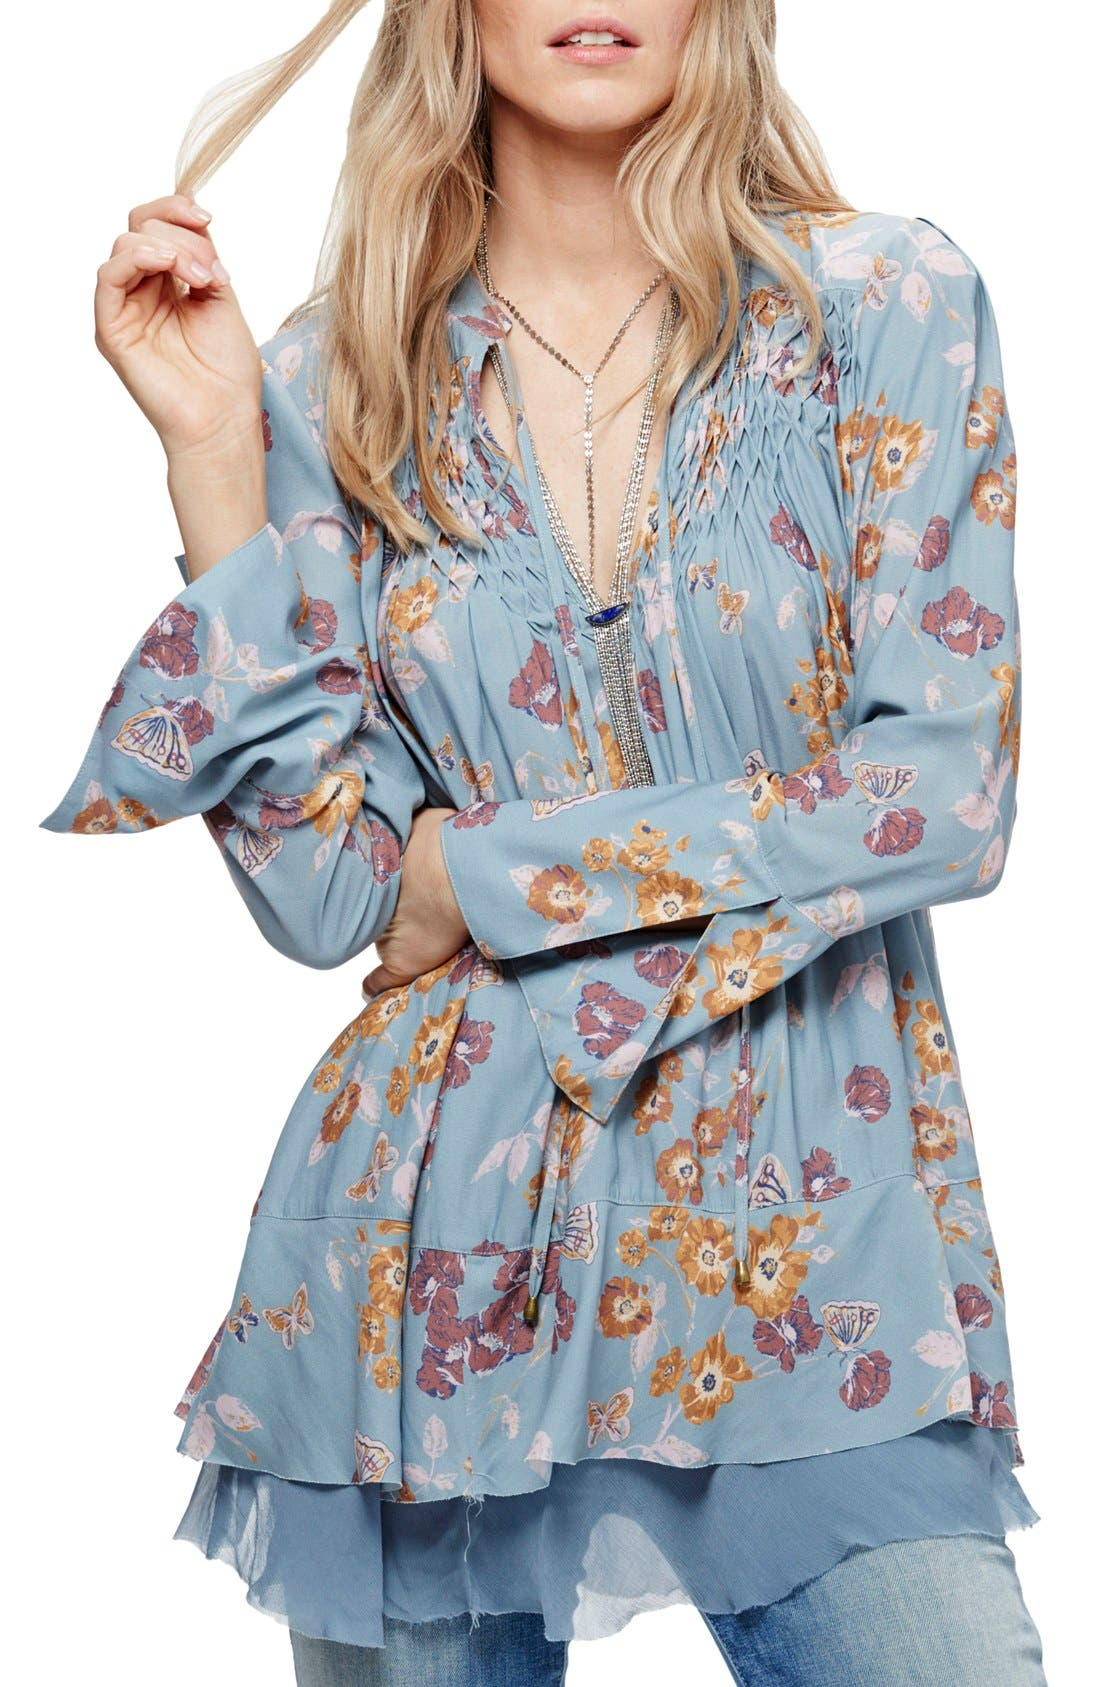 Floral Print Smocked Tunic,                             Main thumbnail 1, color,                             400